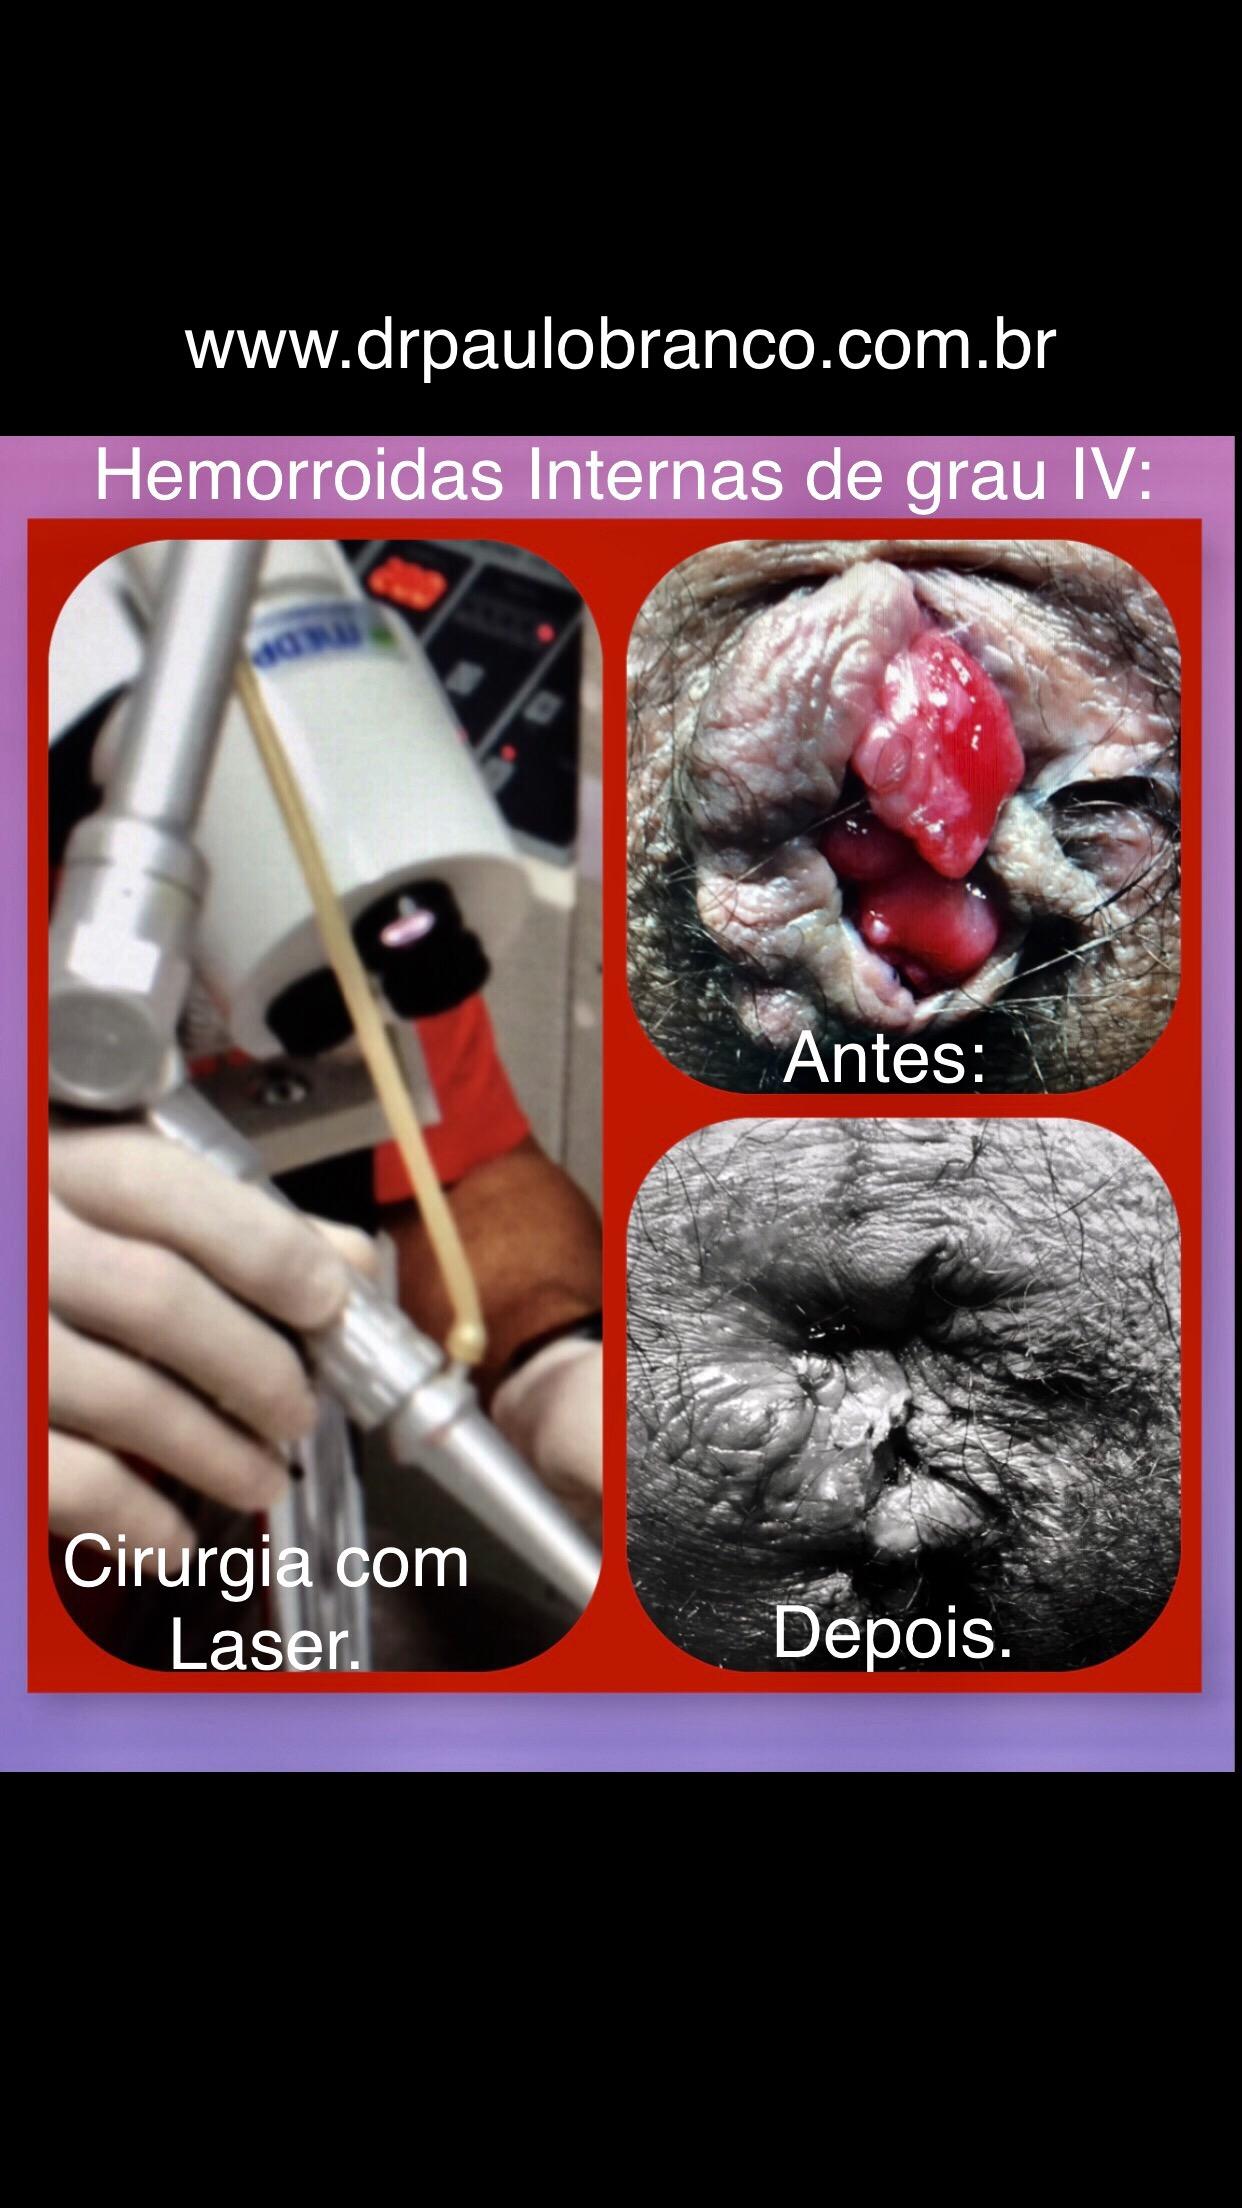 hemorroidas internas de grau IV tratadas com laser sem internação.